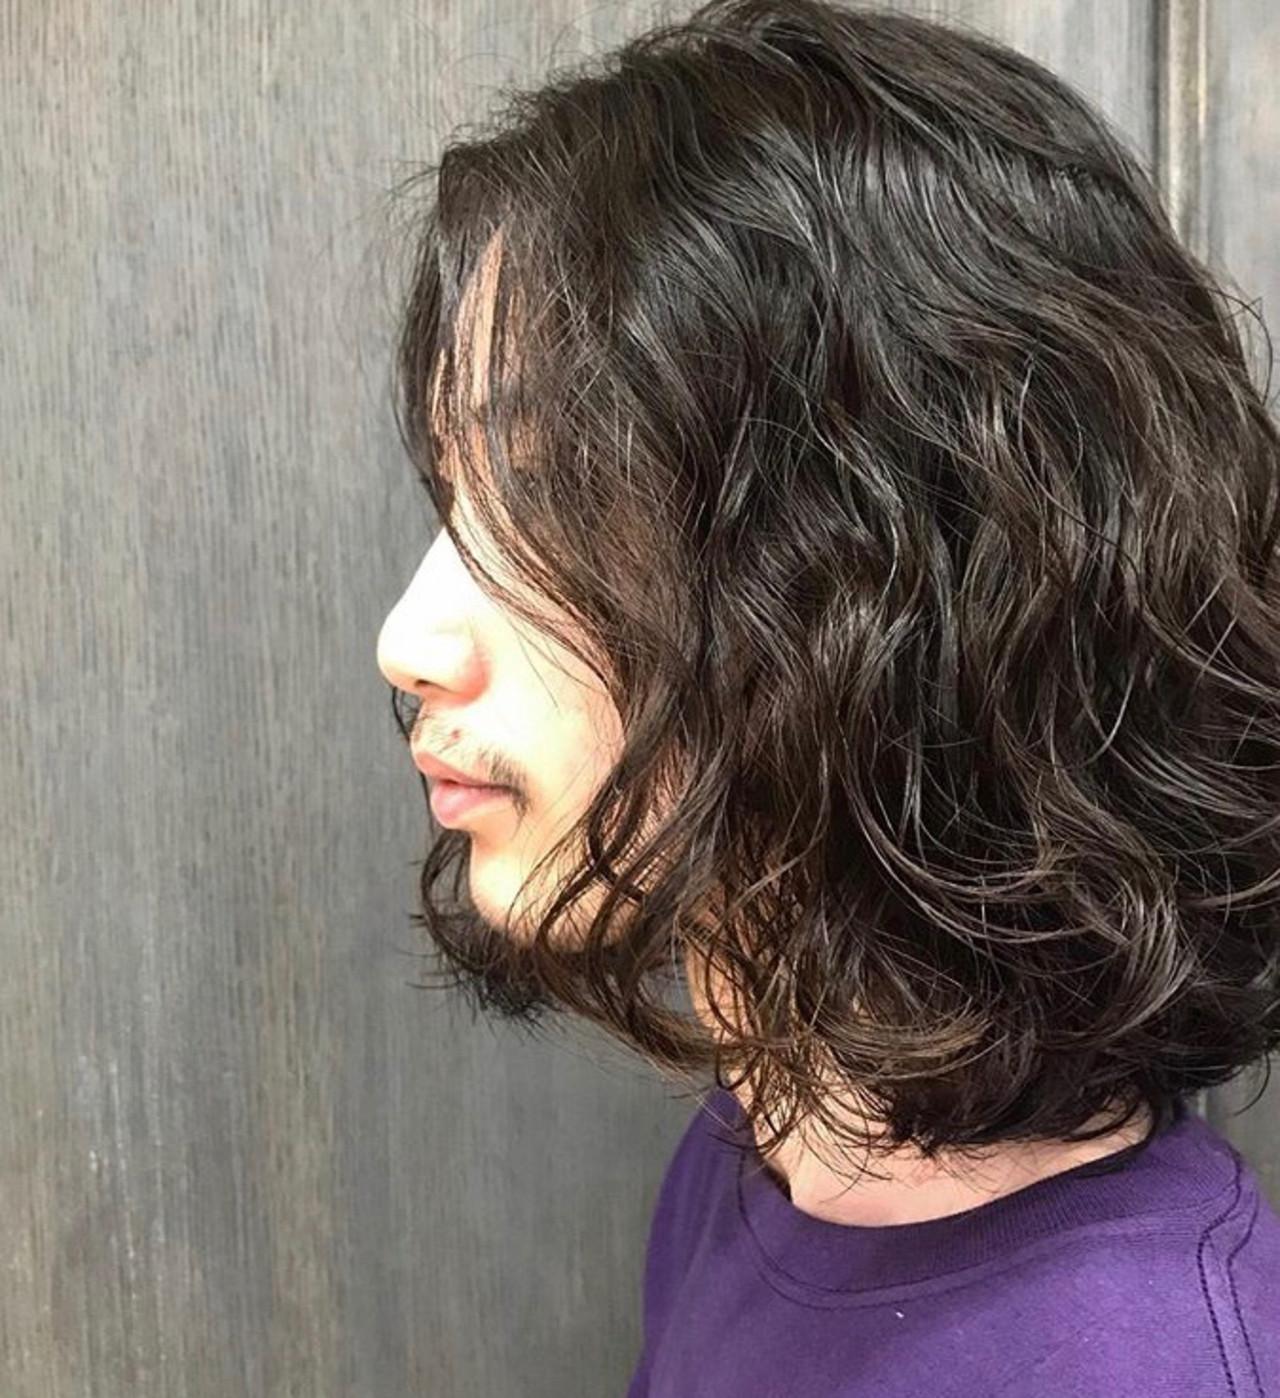 メンズヘア センターパート メンズカジュアル メンズスタイルヘアスタイルや髪型の写真・画像